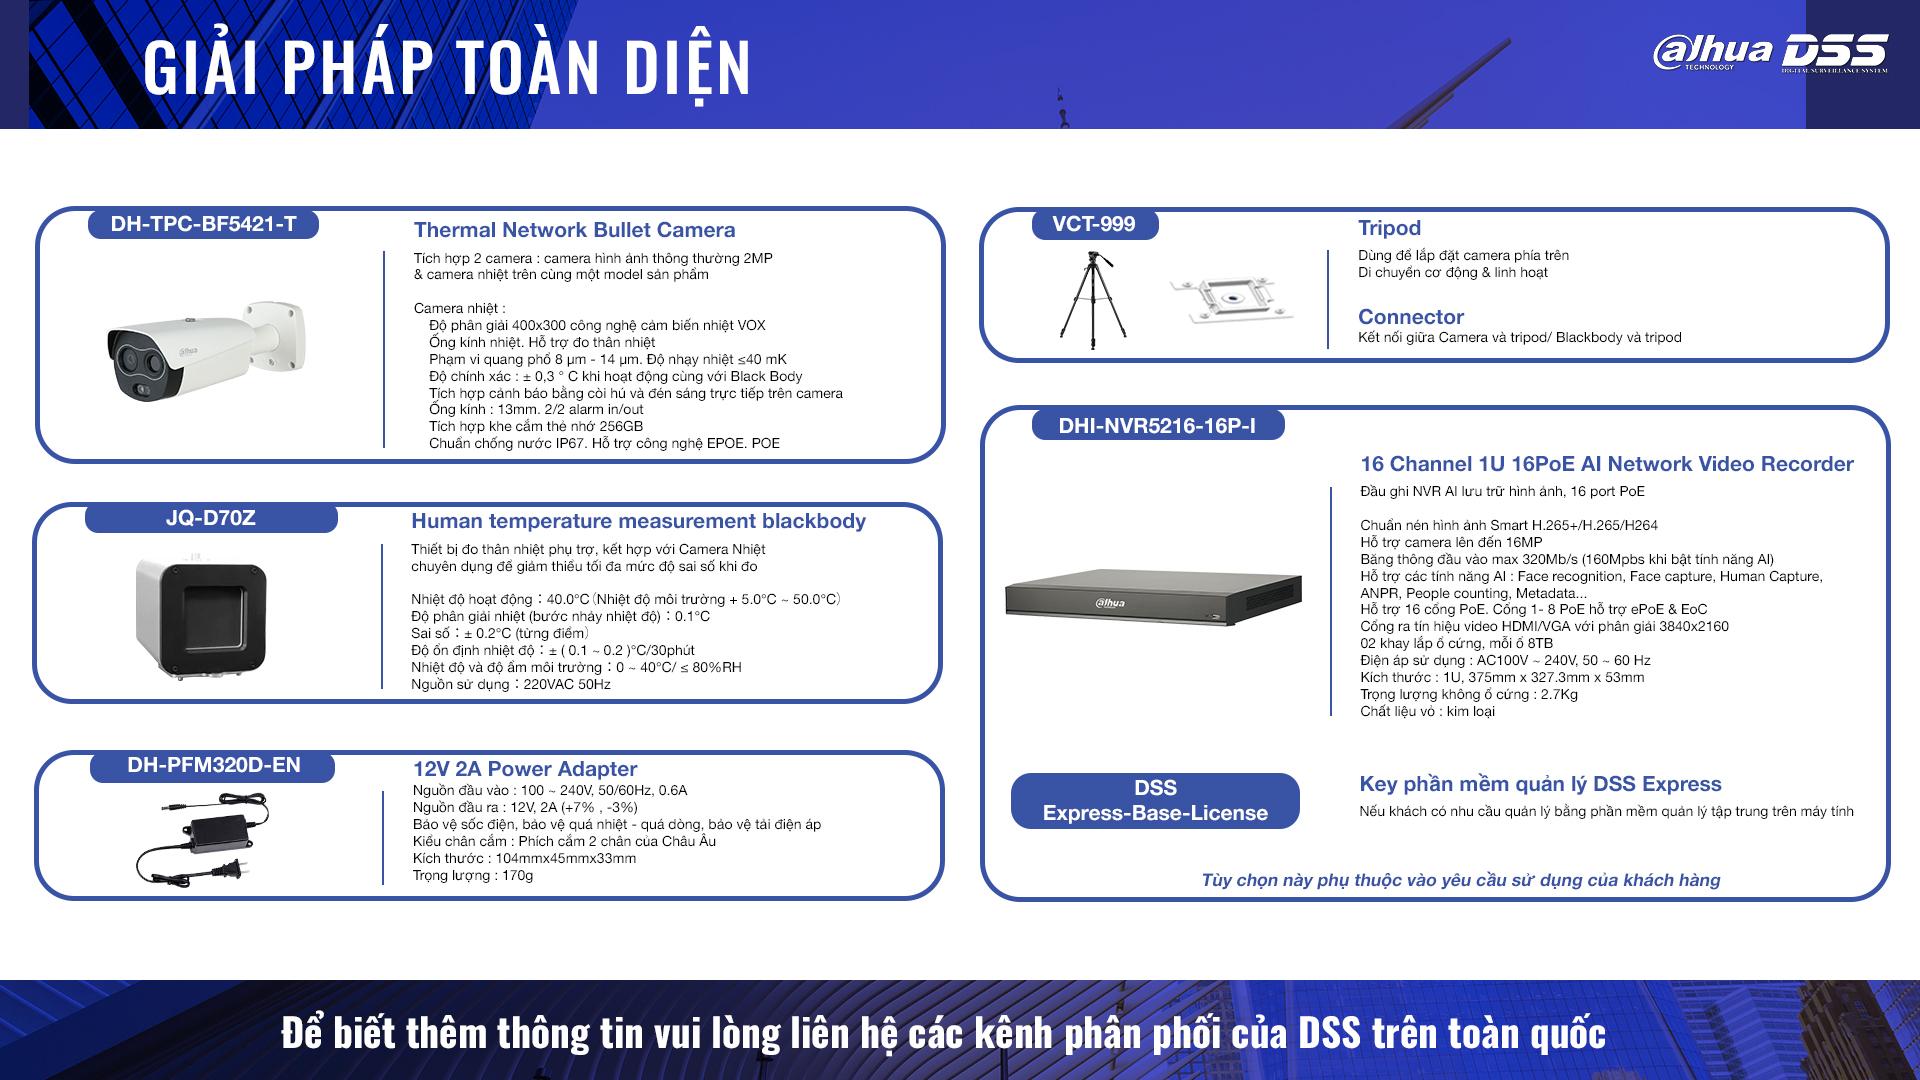 Tổng quan bộ giải pháp camera đo thân nhiệt Dahua